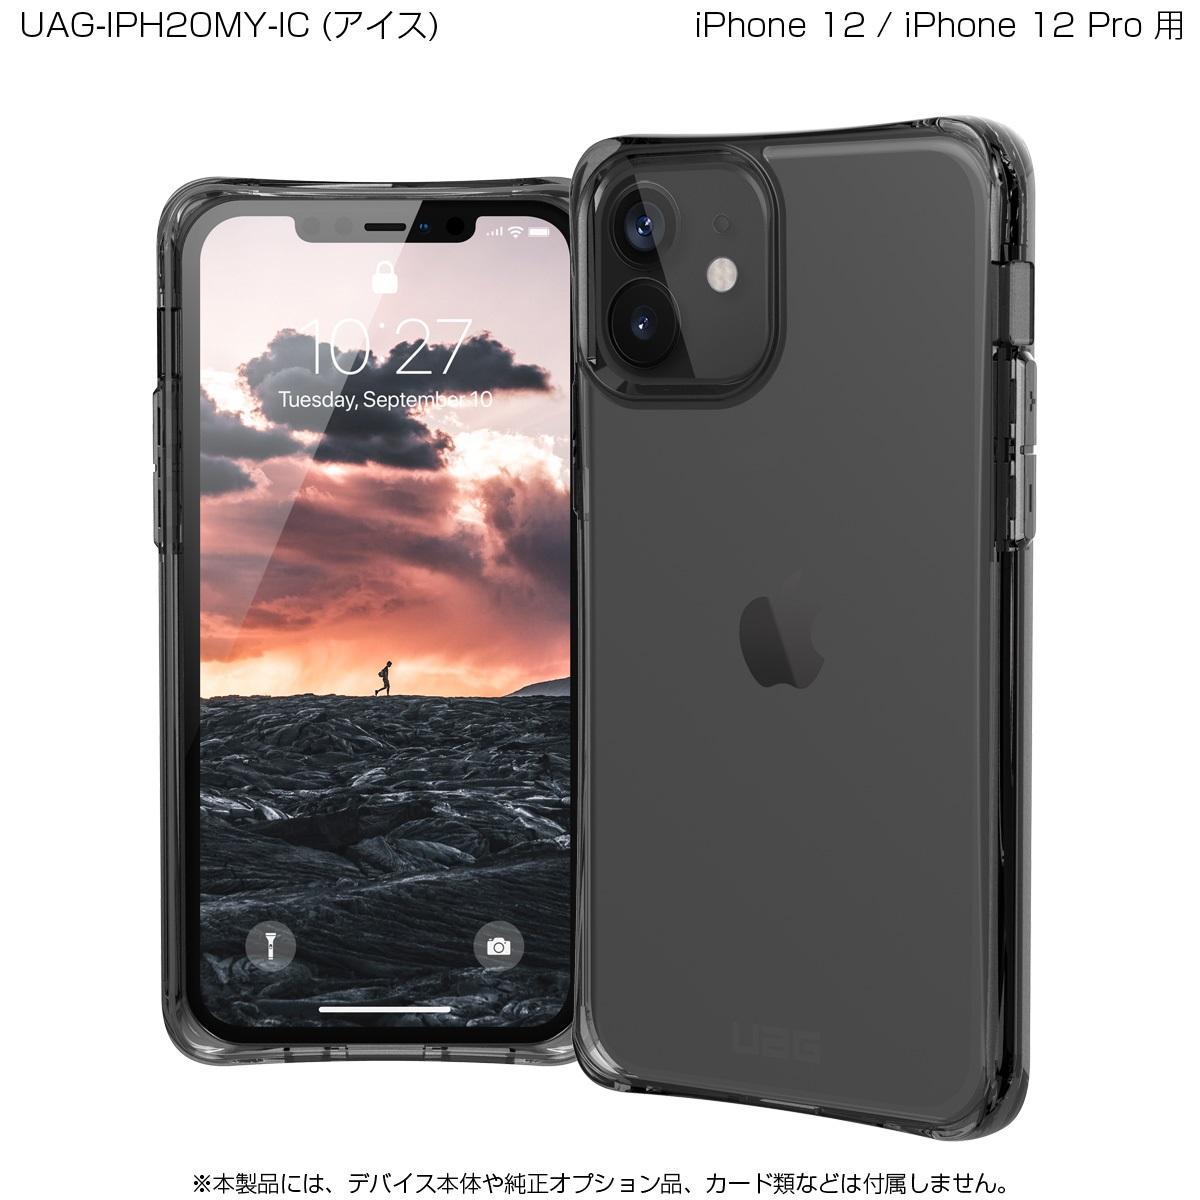 UAG iPhone 12 Pro/ 12用 PLYOケース シンプル 全2色 耐衝撃 UAG-IPH20MYシリーズ 6.1インチ